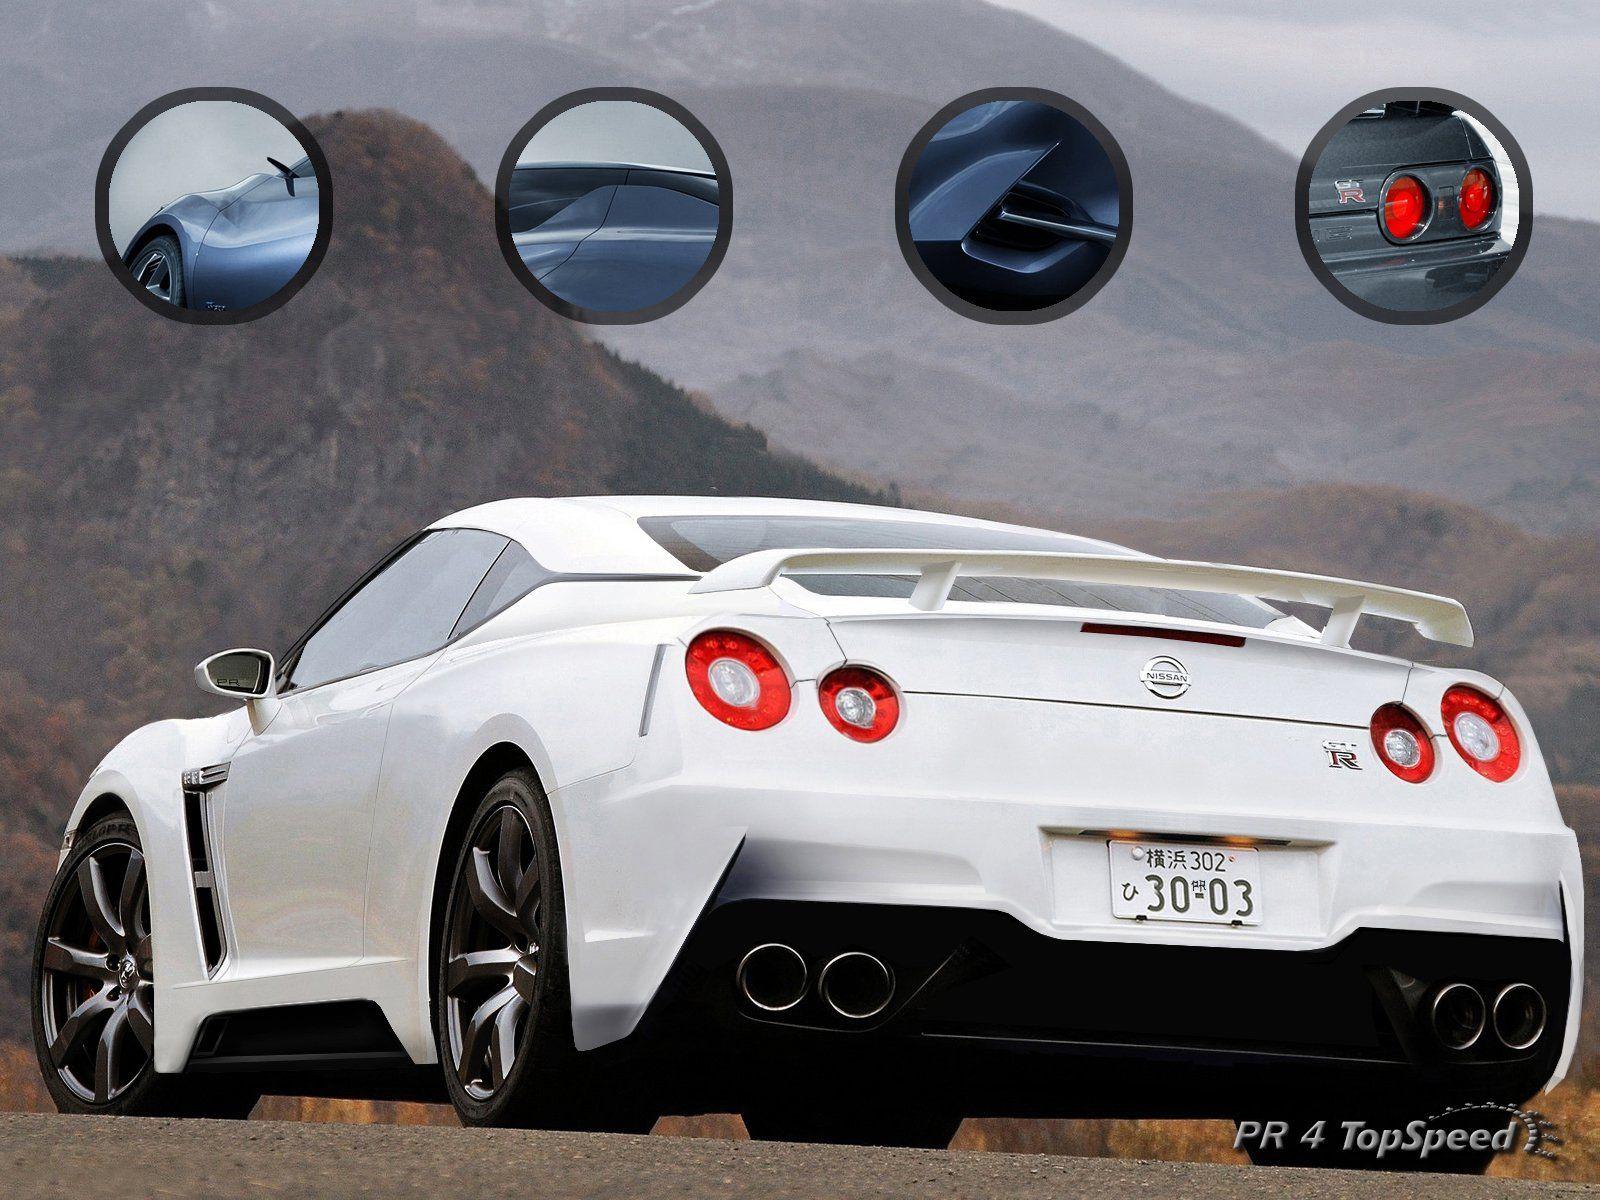 Nissan Gtr 2020 Top Speed Nissan Gtr Nissan Gtr